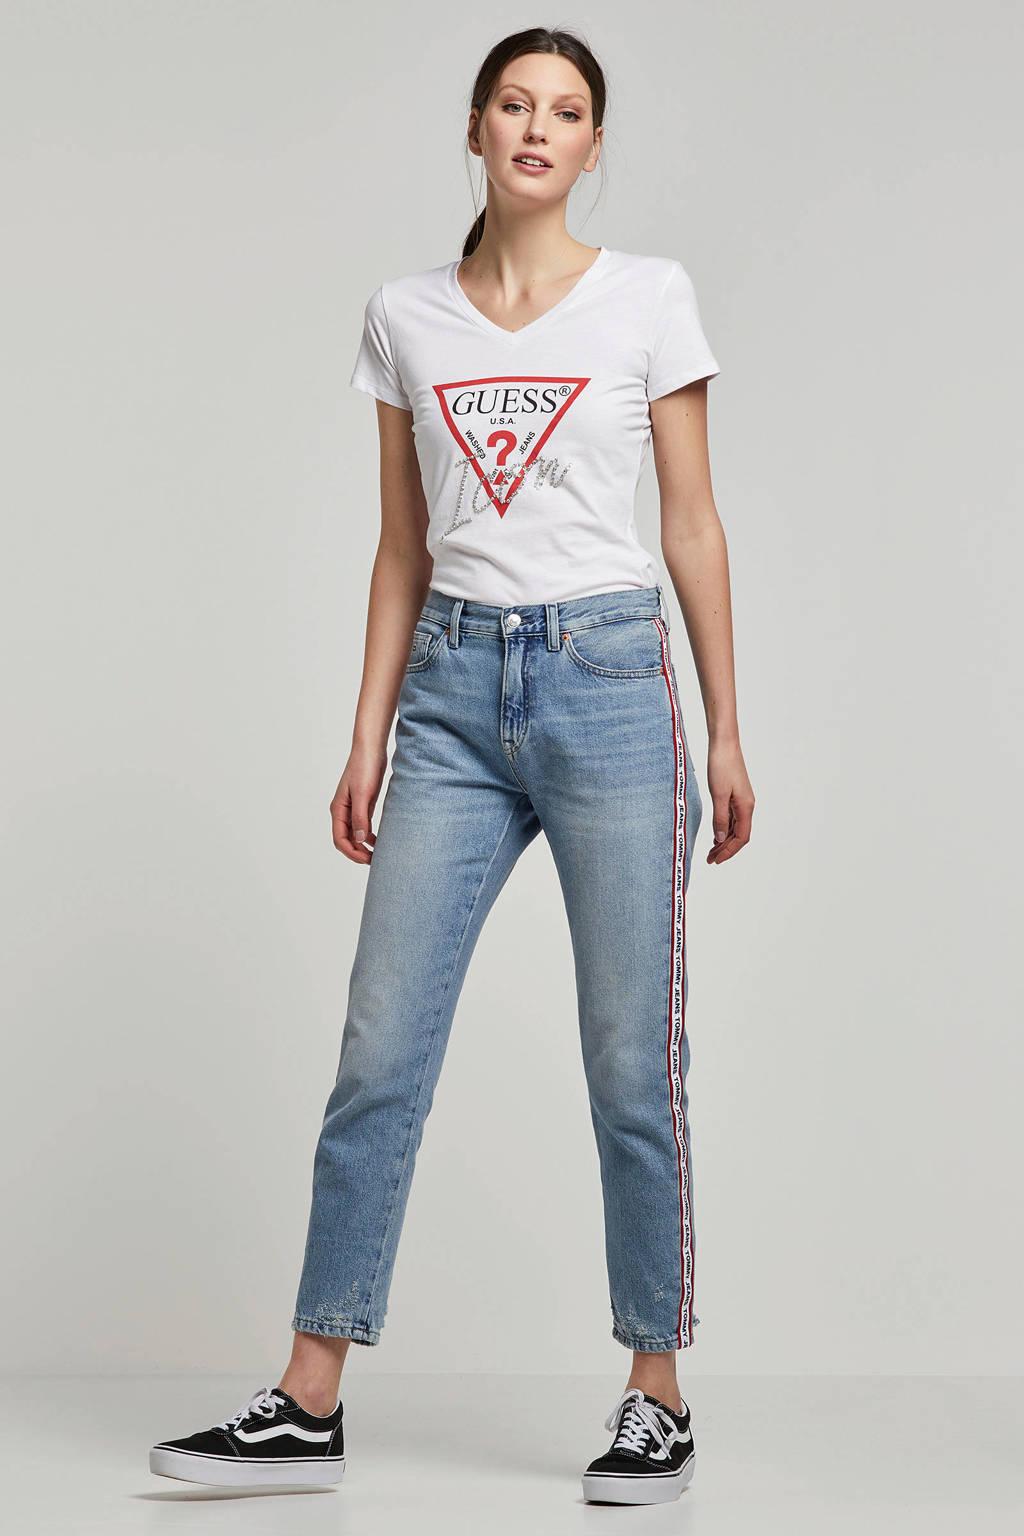 GUESS T-shirt met logo en siersteentjes, Wit/rood/zilver